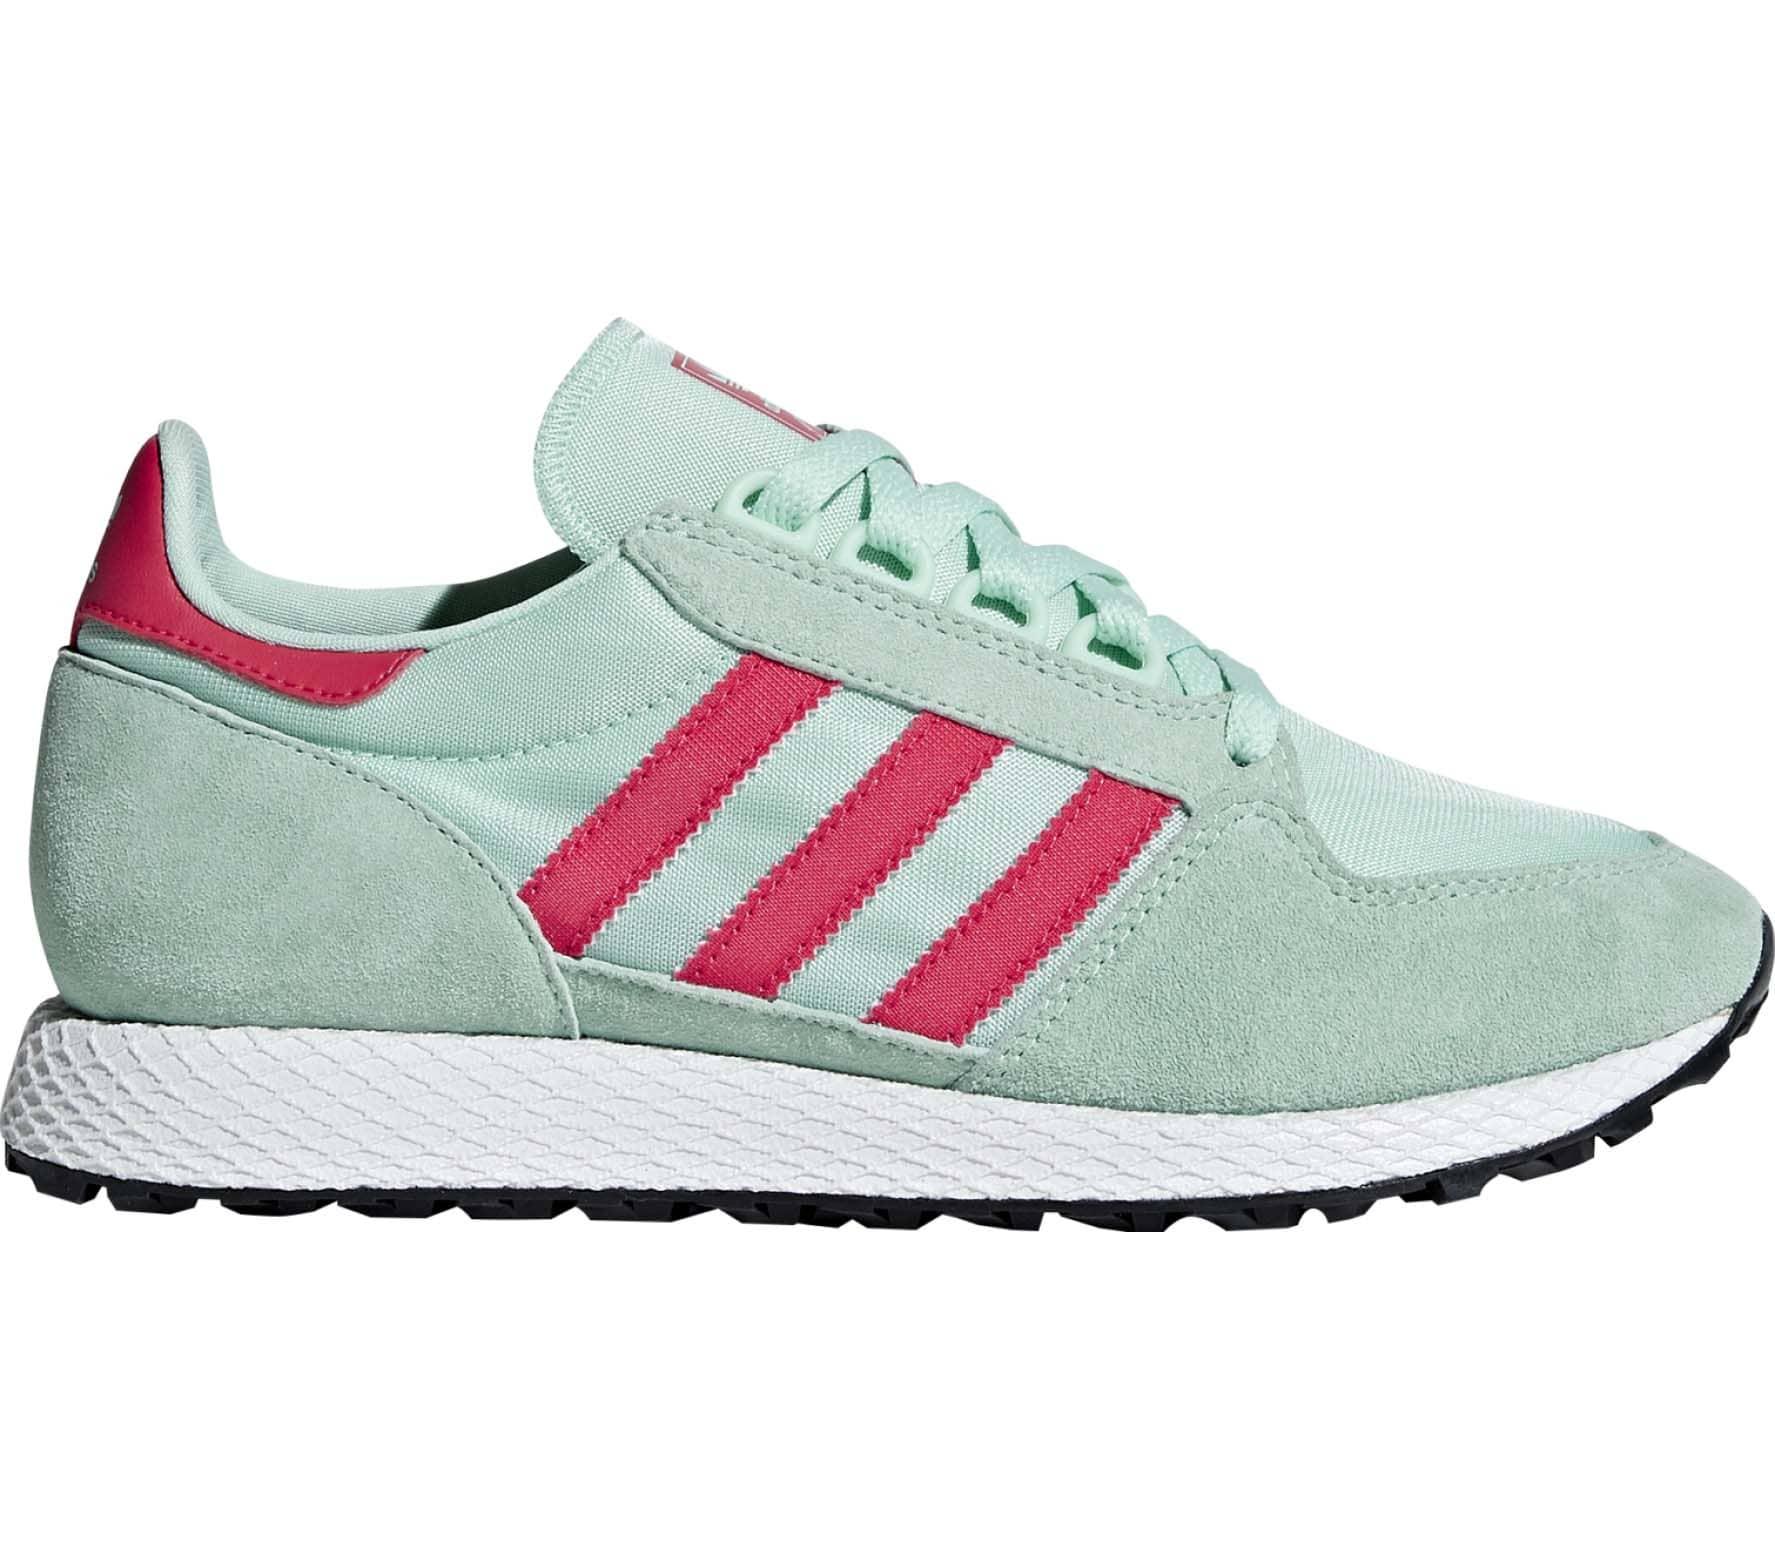 adidas Originals - Forest Grove Dam gymnastiksko (turkos) - EU 36 2/3 - UK 4